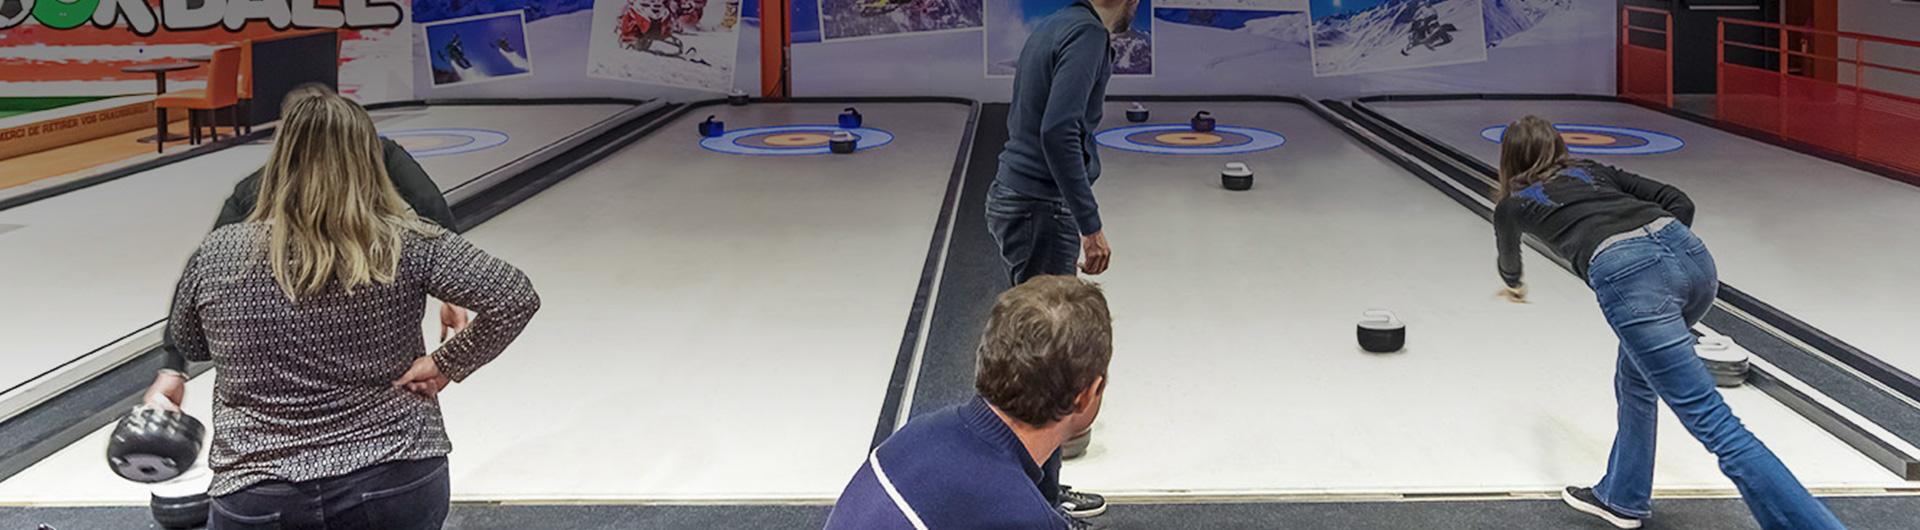 Piste di curling su ghiaccio sintetico Xtraice